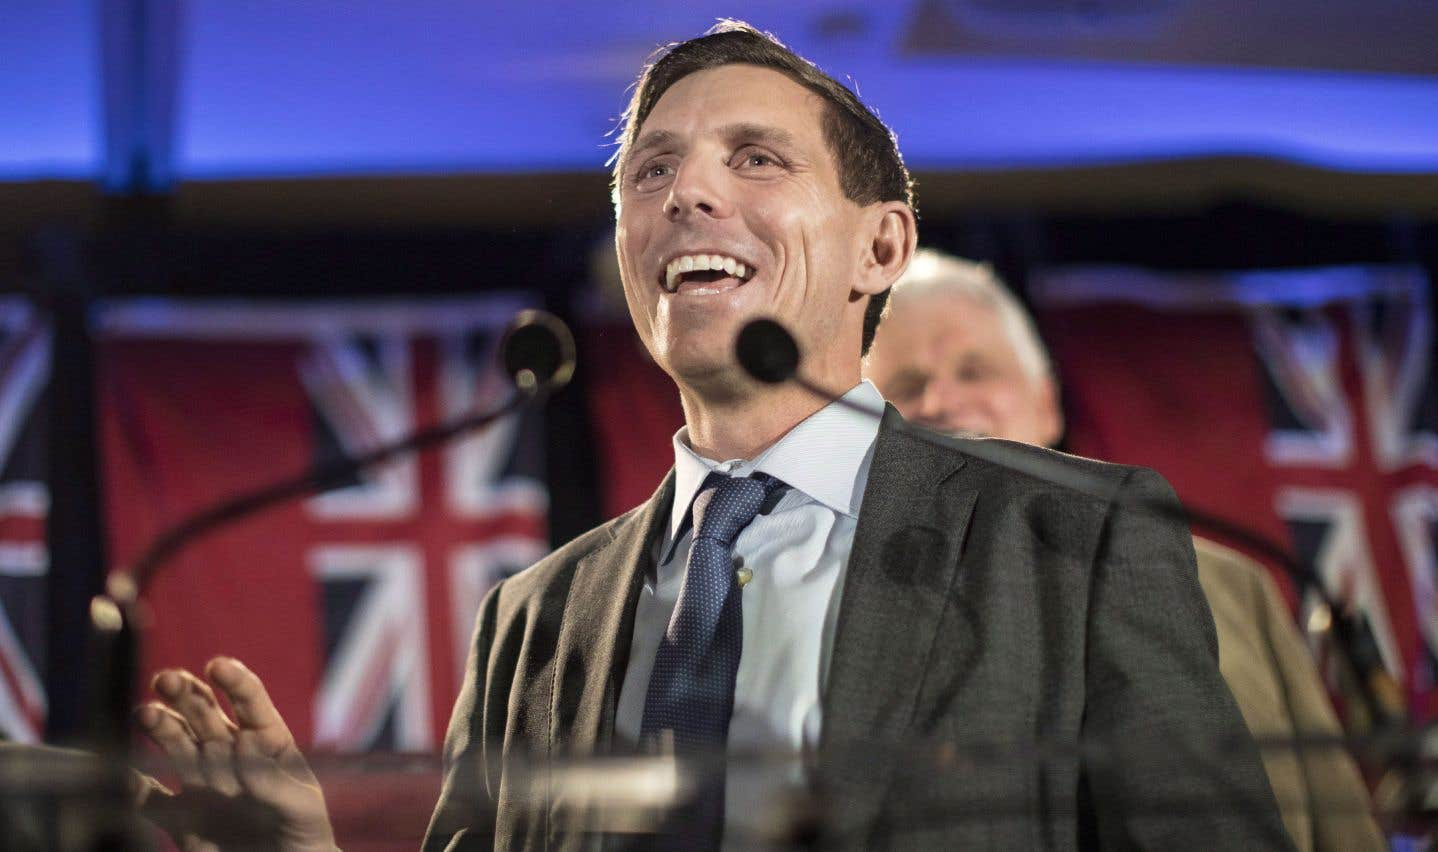 Estimant son nom lavé, Patrick Brown s'est porté candidat à sa propre succession.